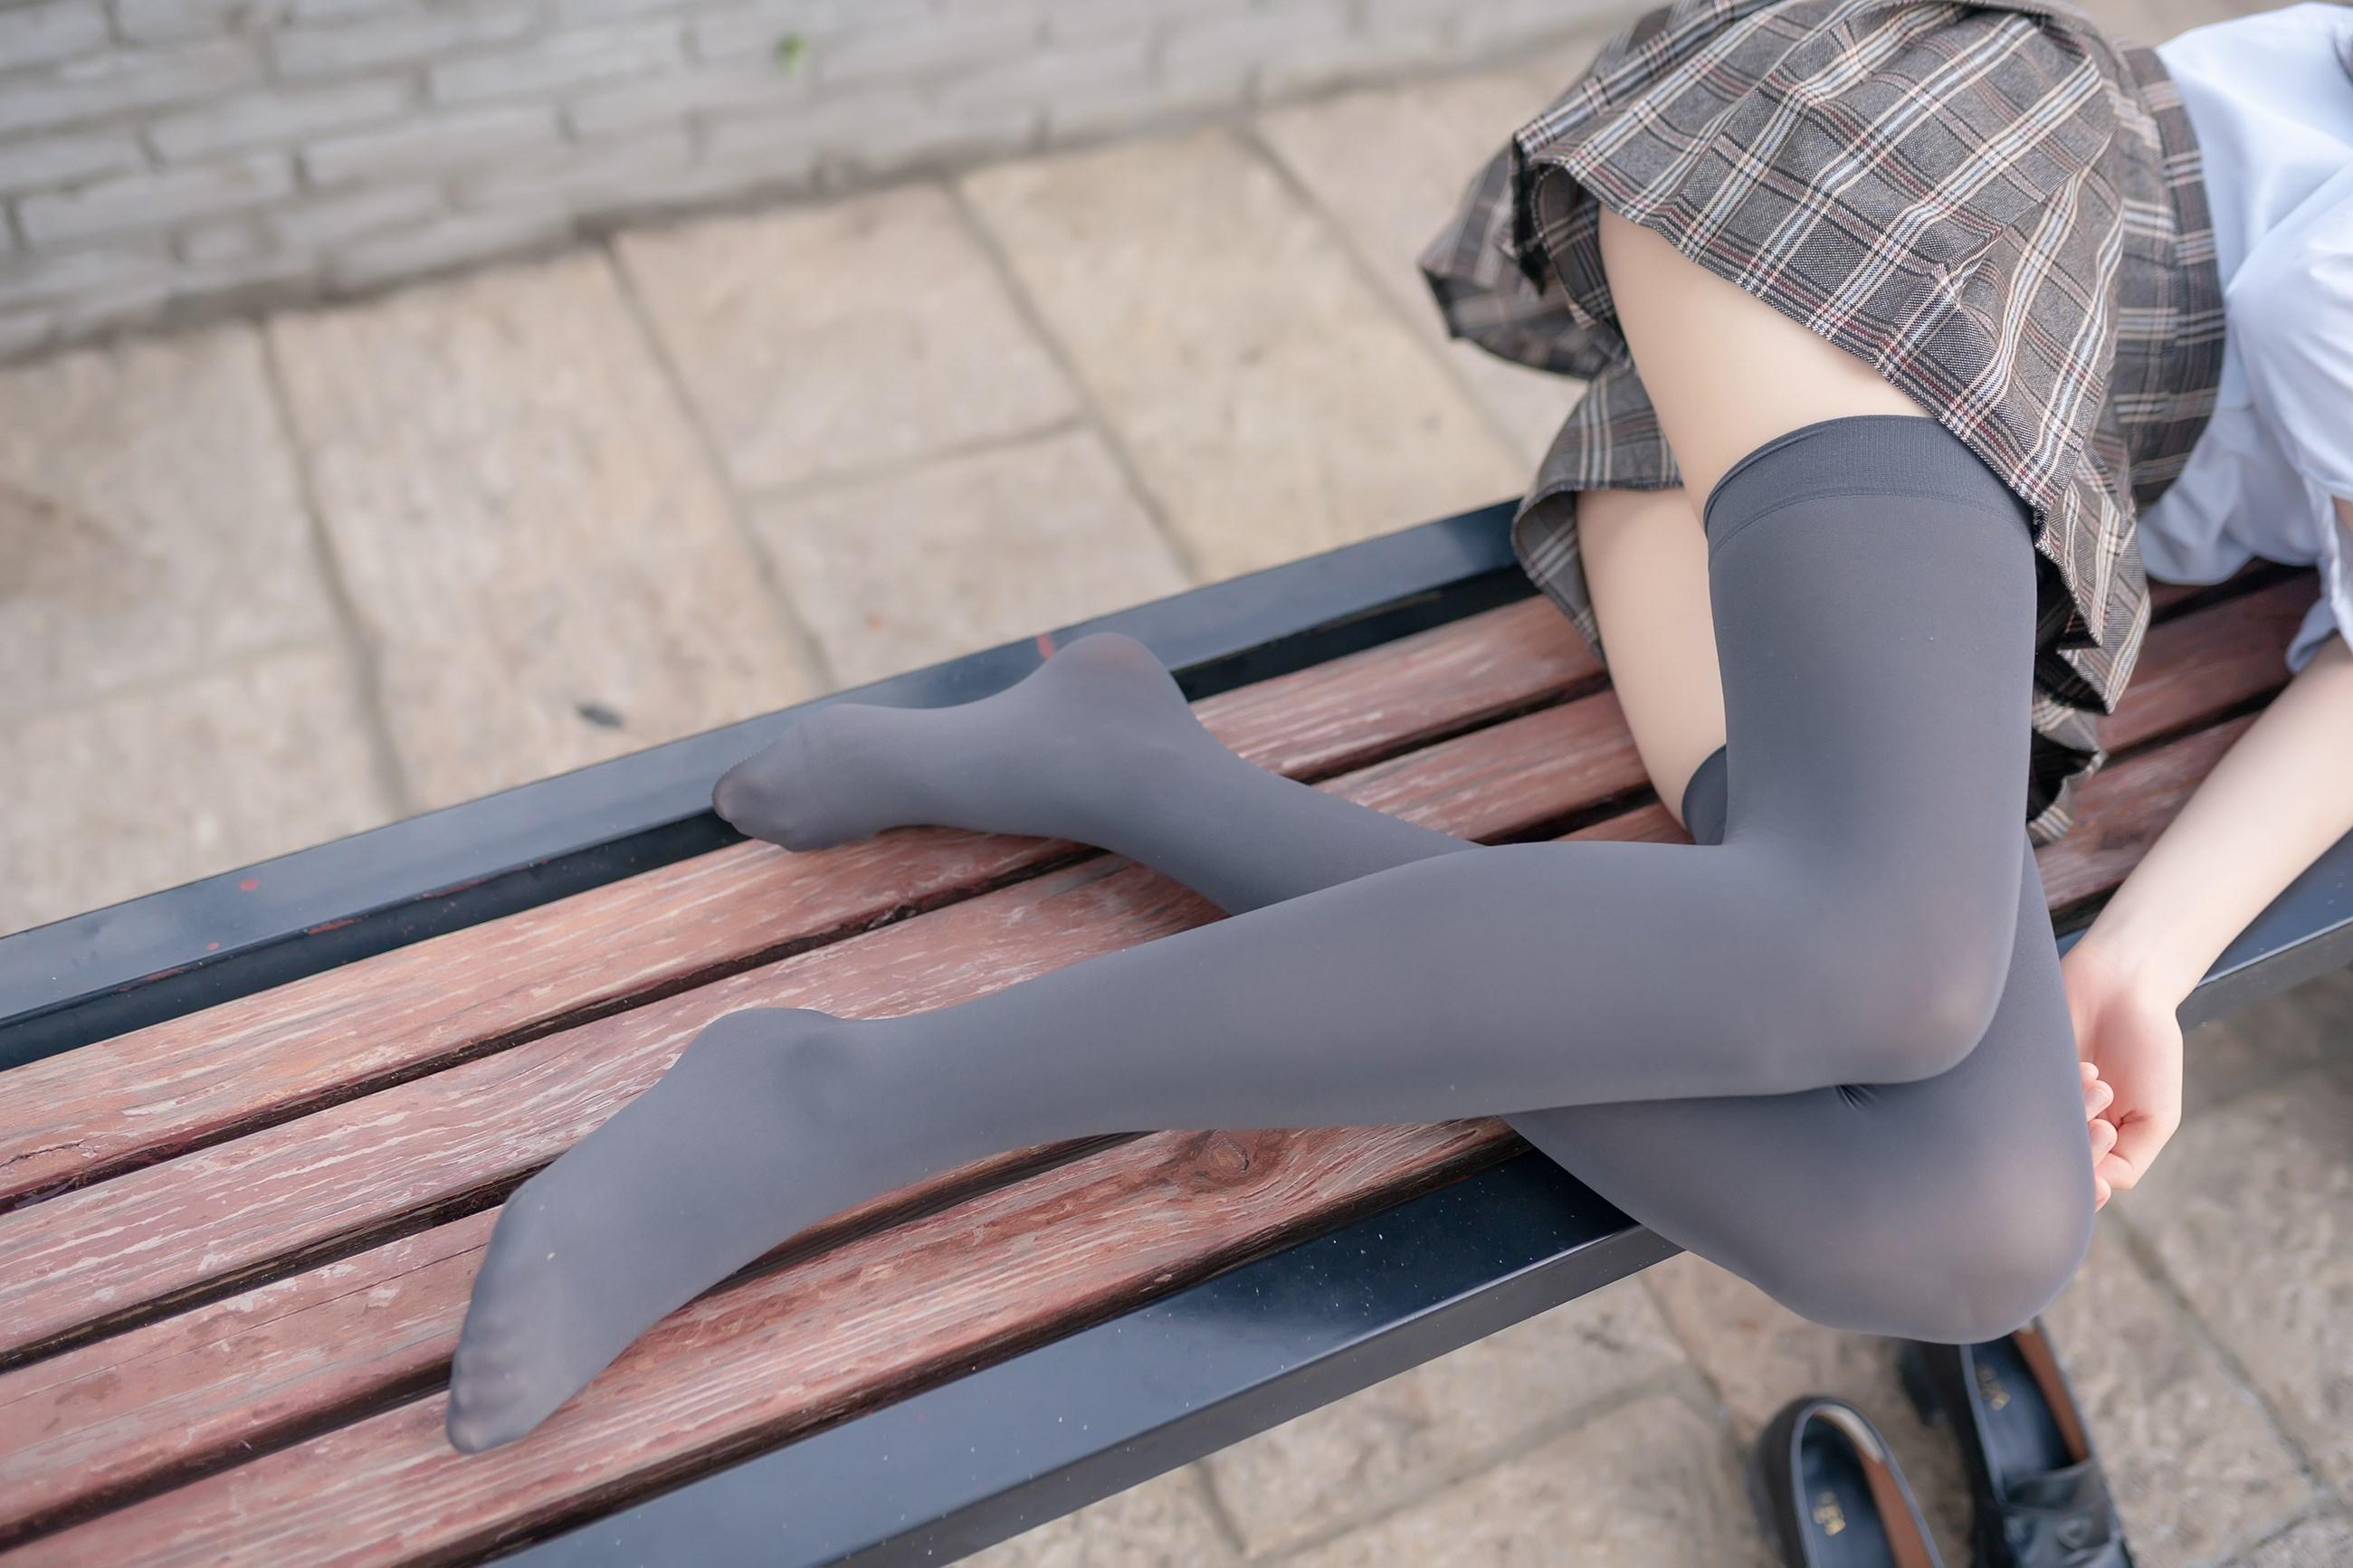 【兔玩映画】这个腿也太棒了吧! 兔玩映画 第5张